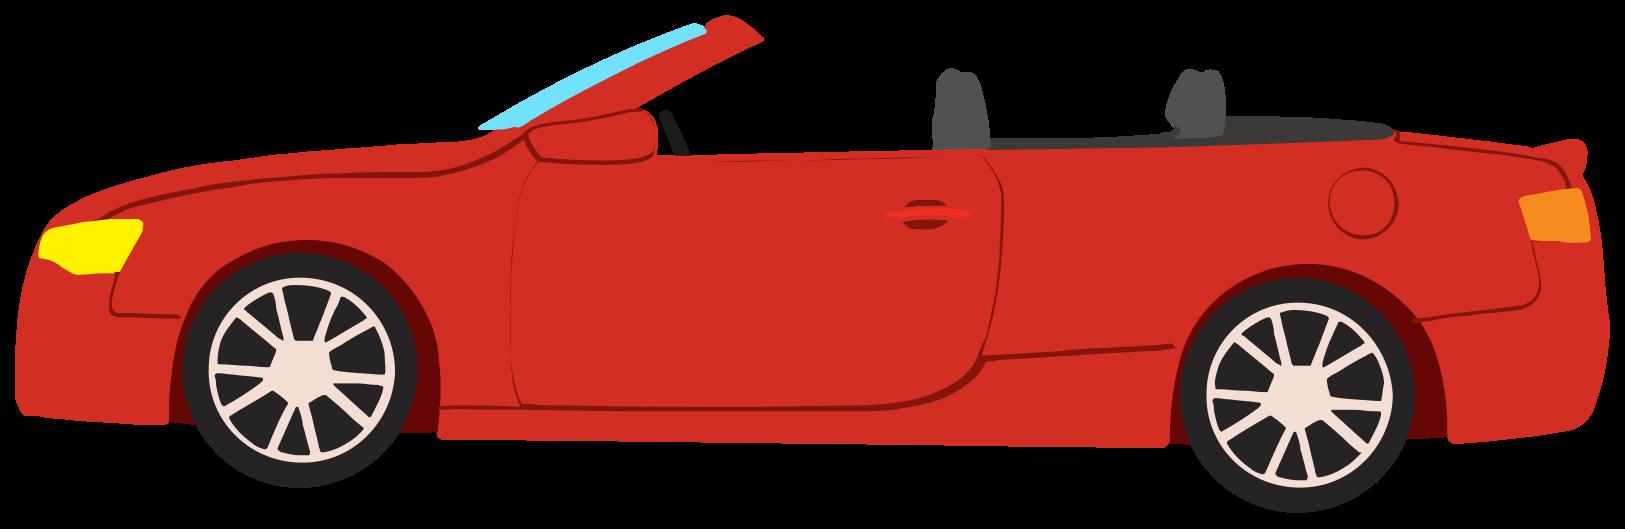 carro conversível png